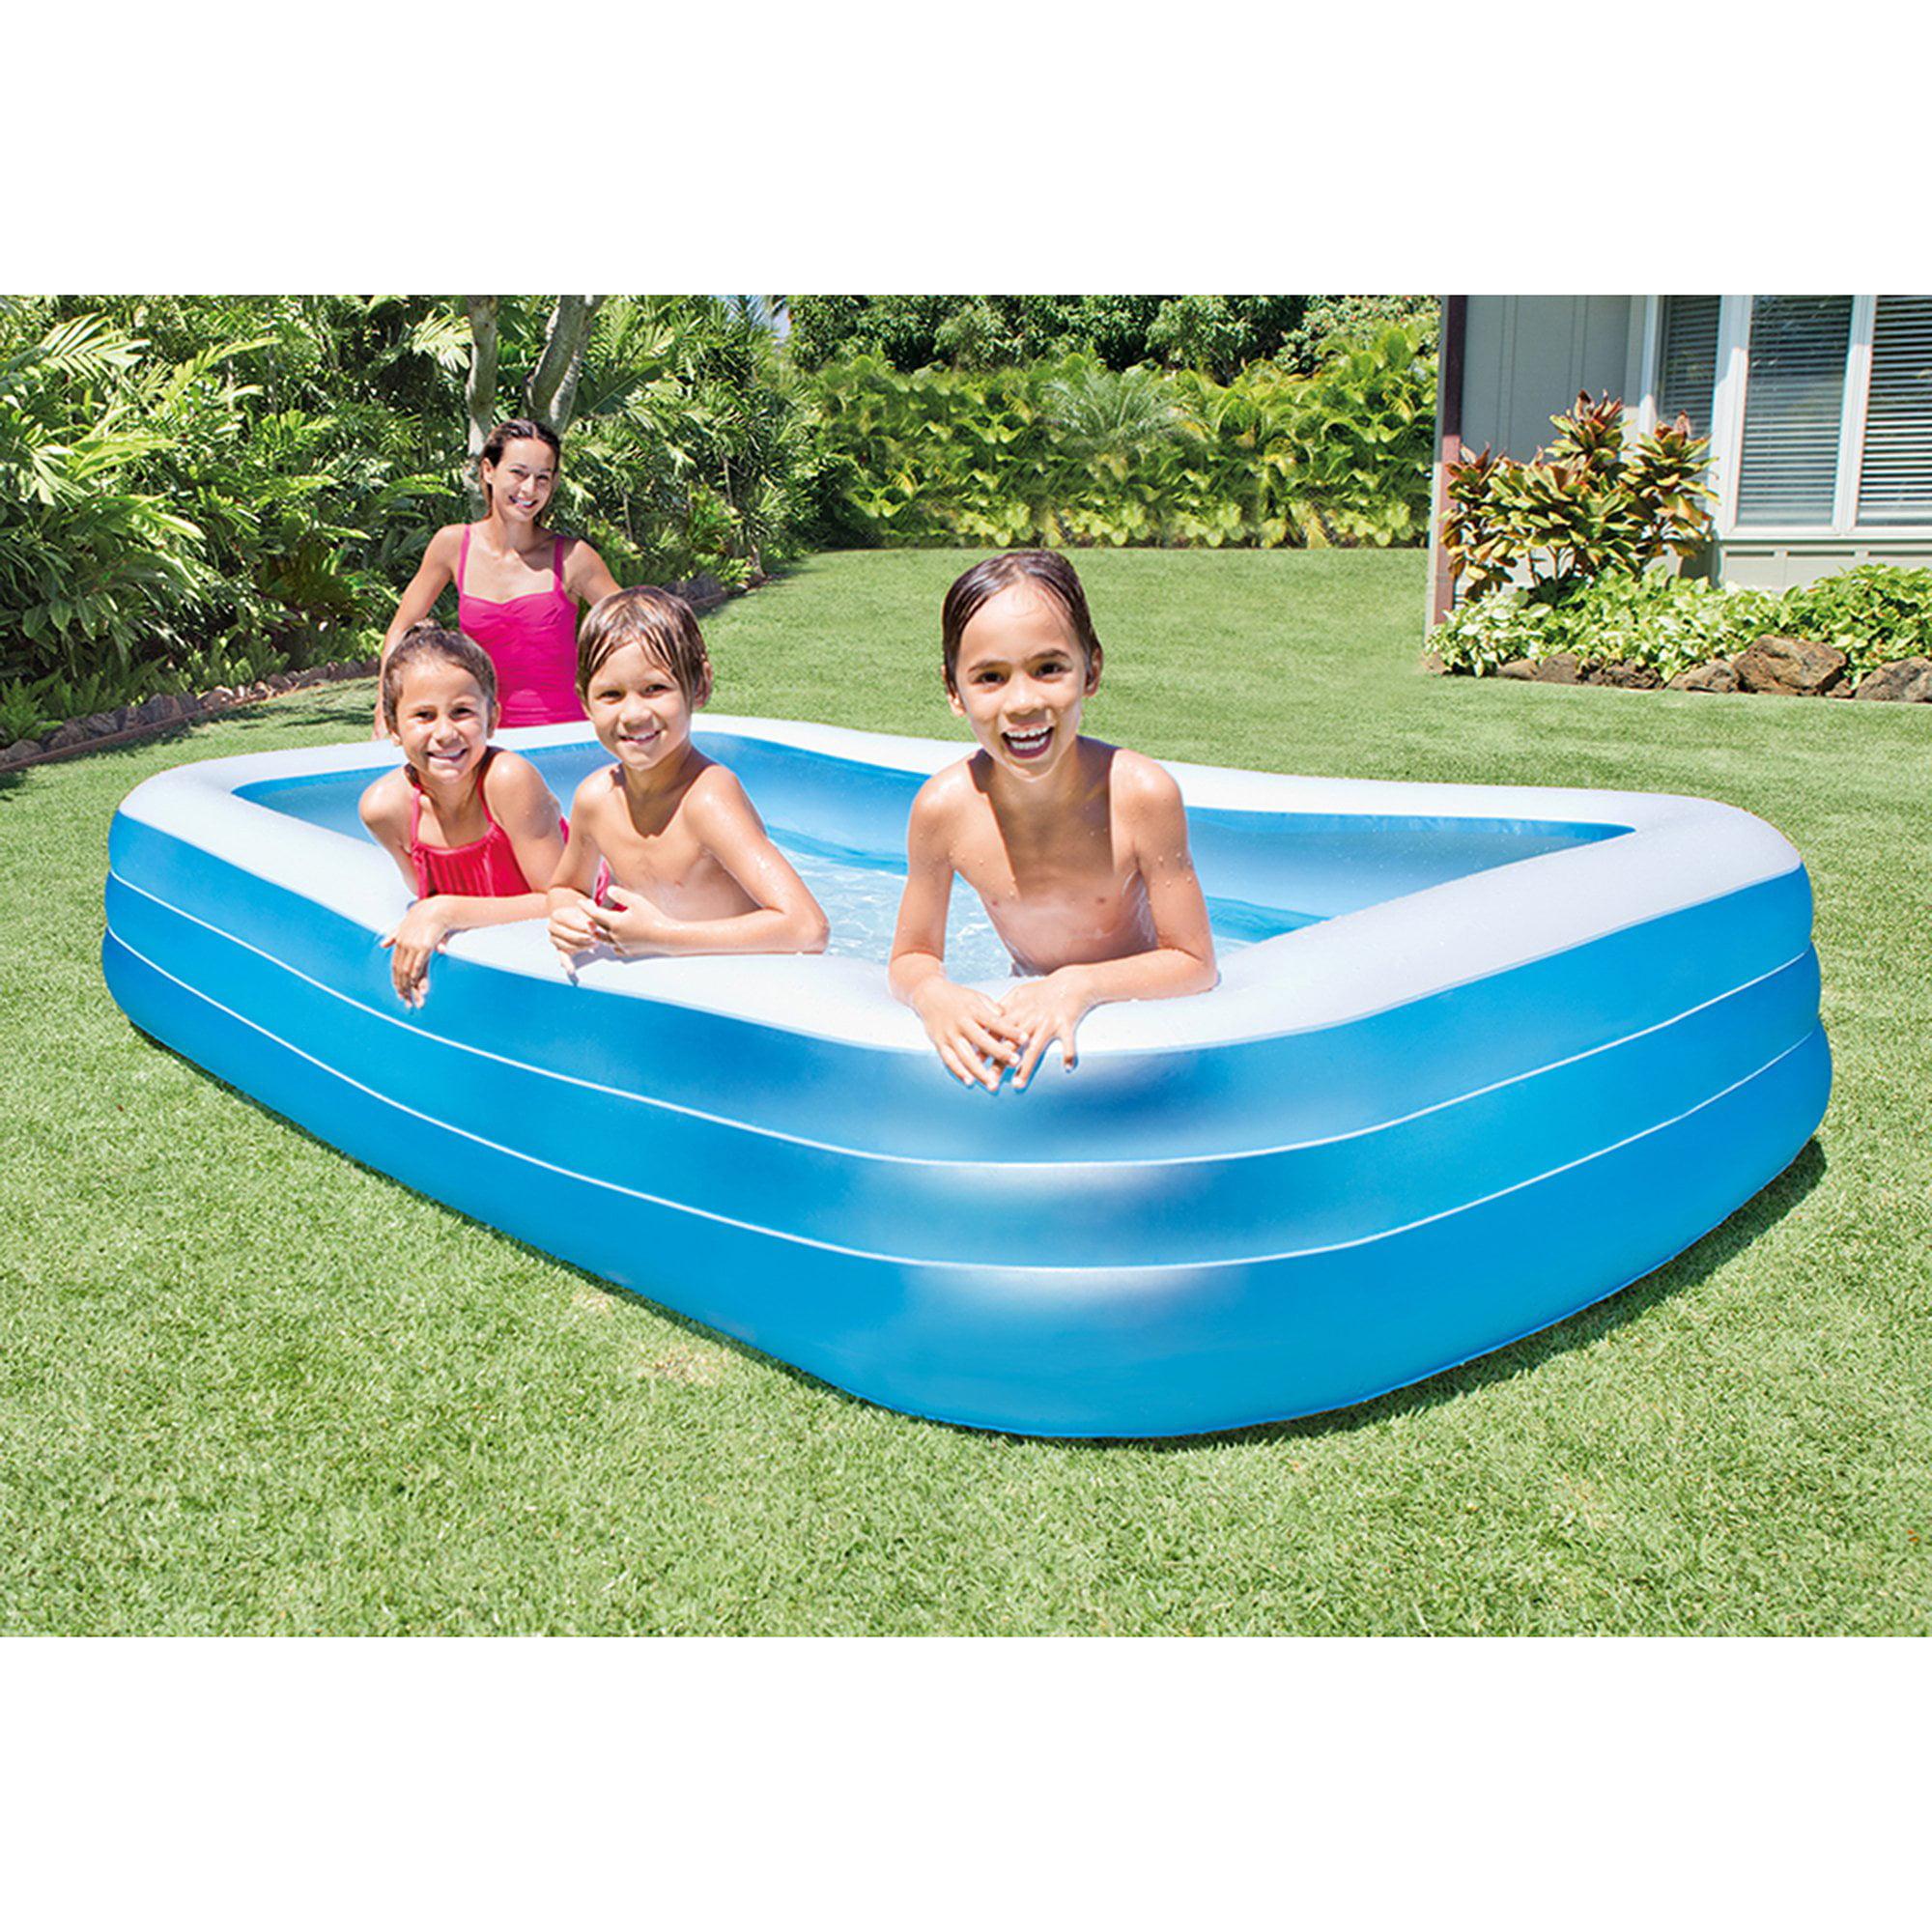 Intex Pools intex pools